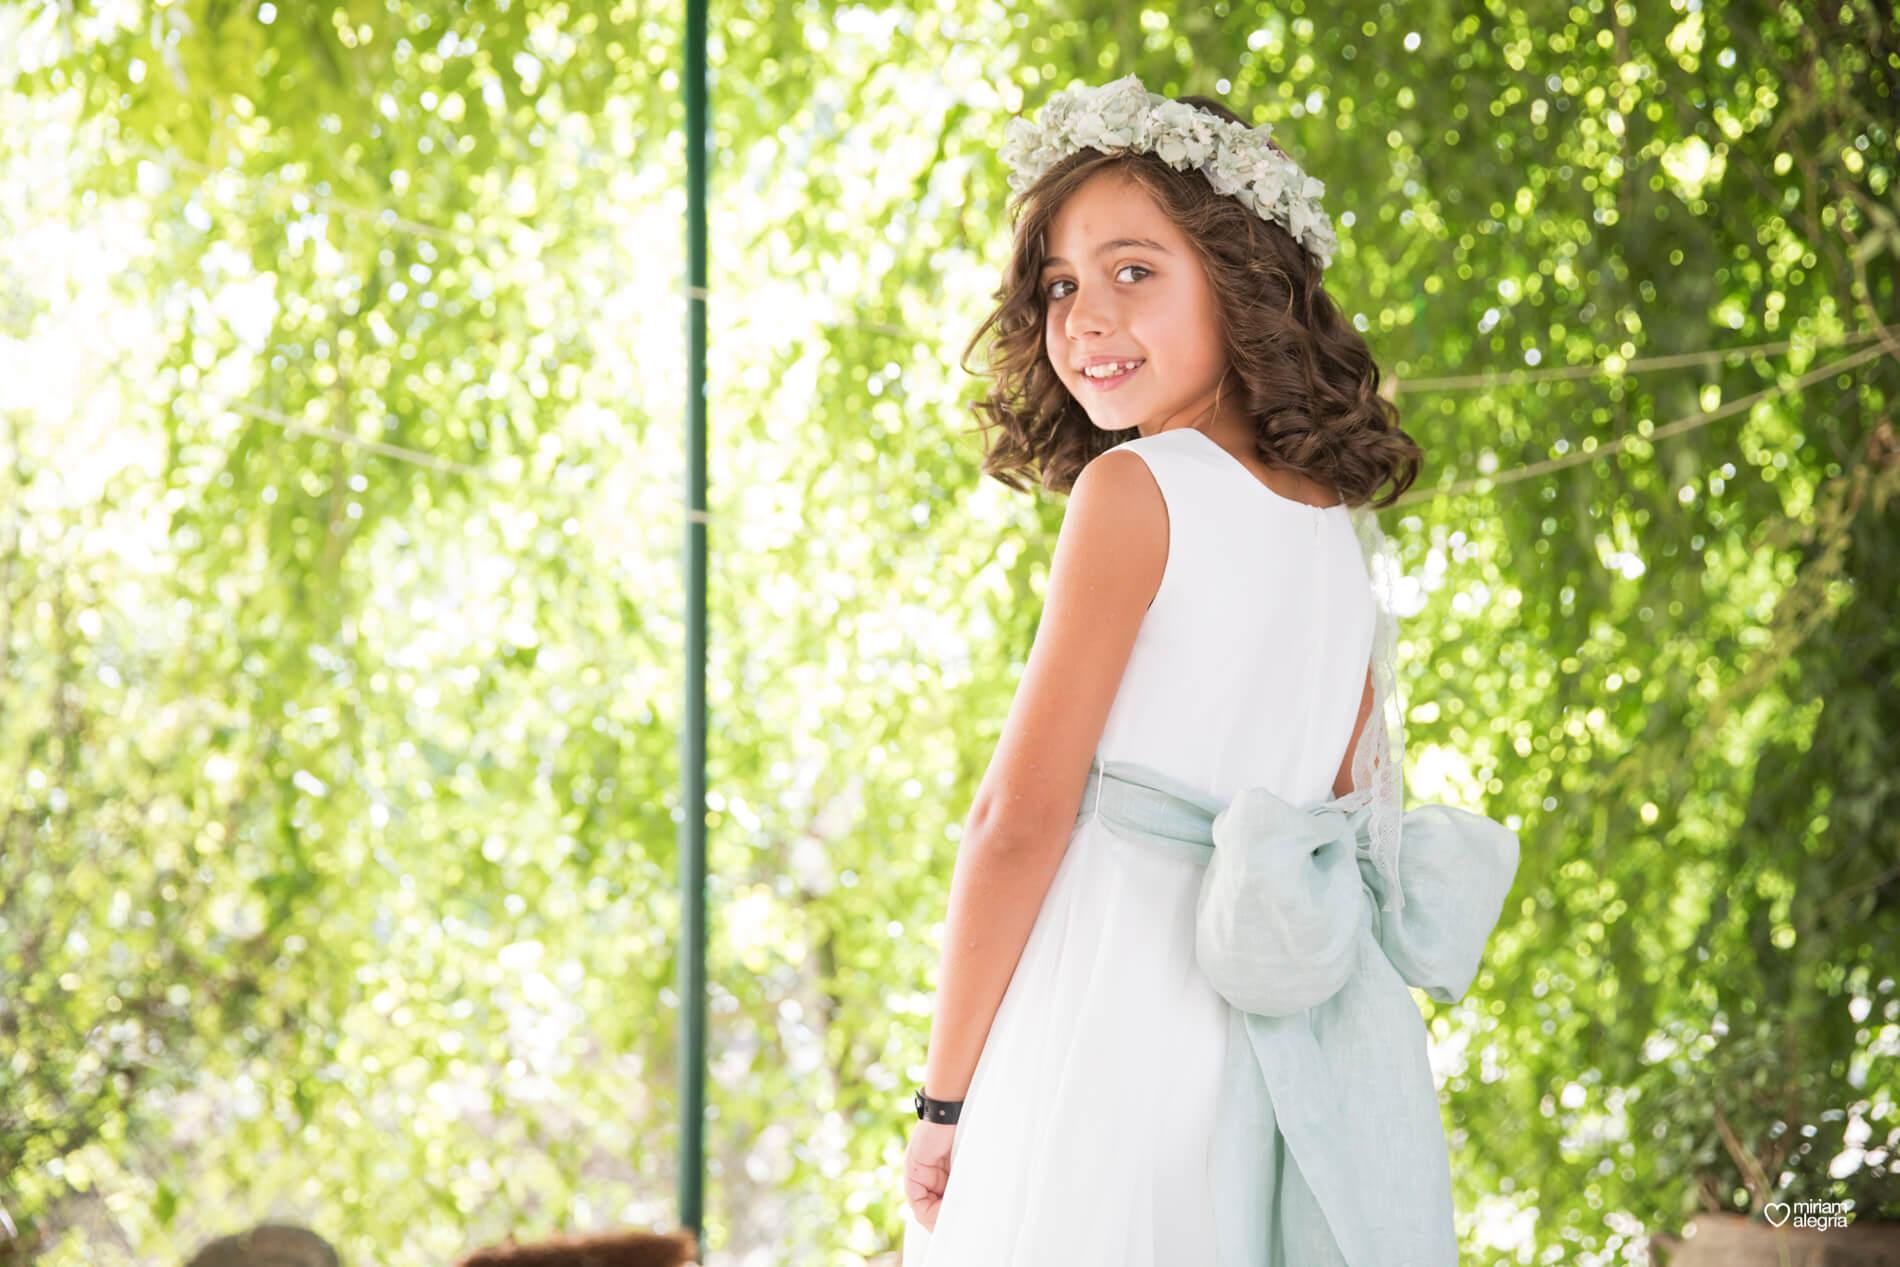 boda-en-finca-la-carrasca-miriam-alegria-13